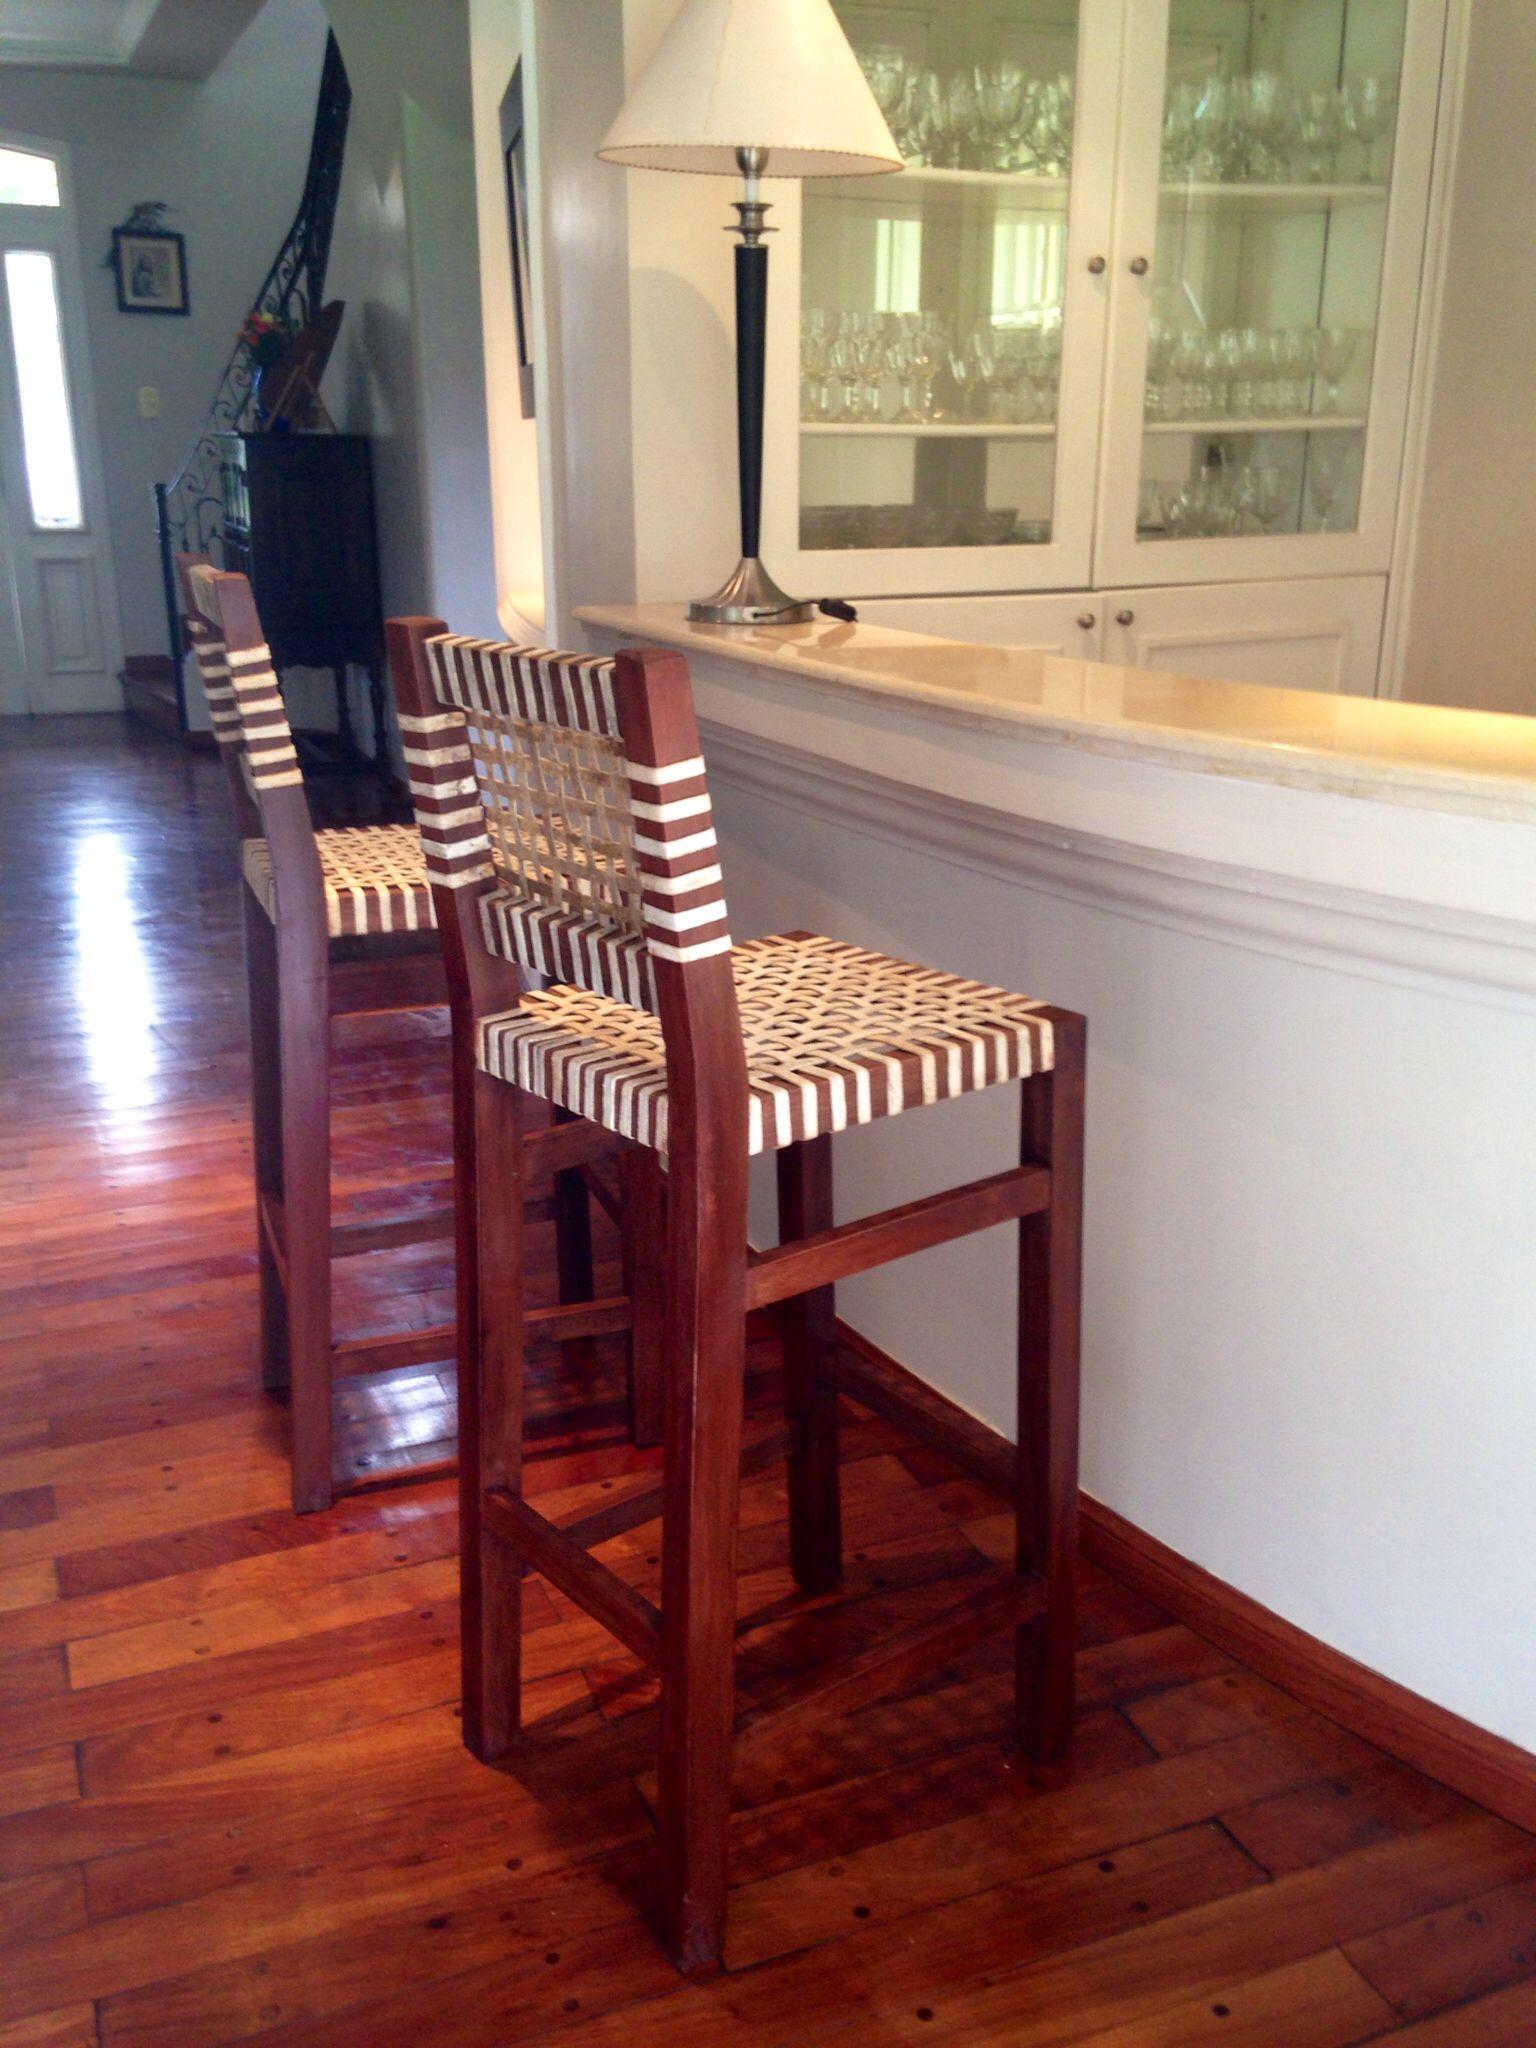 Banquetas altas para bar muebles rusticos madera y cuero for Em muebles